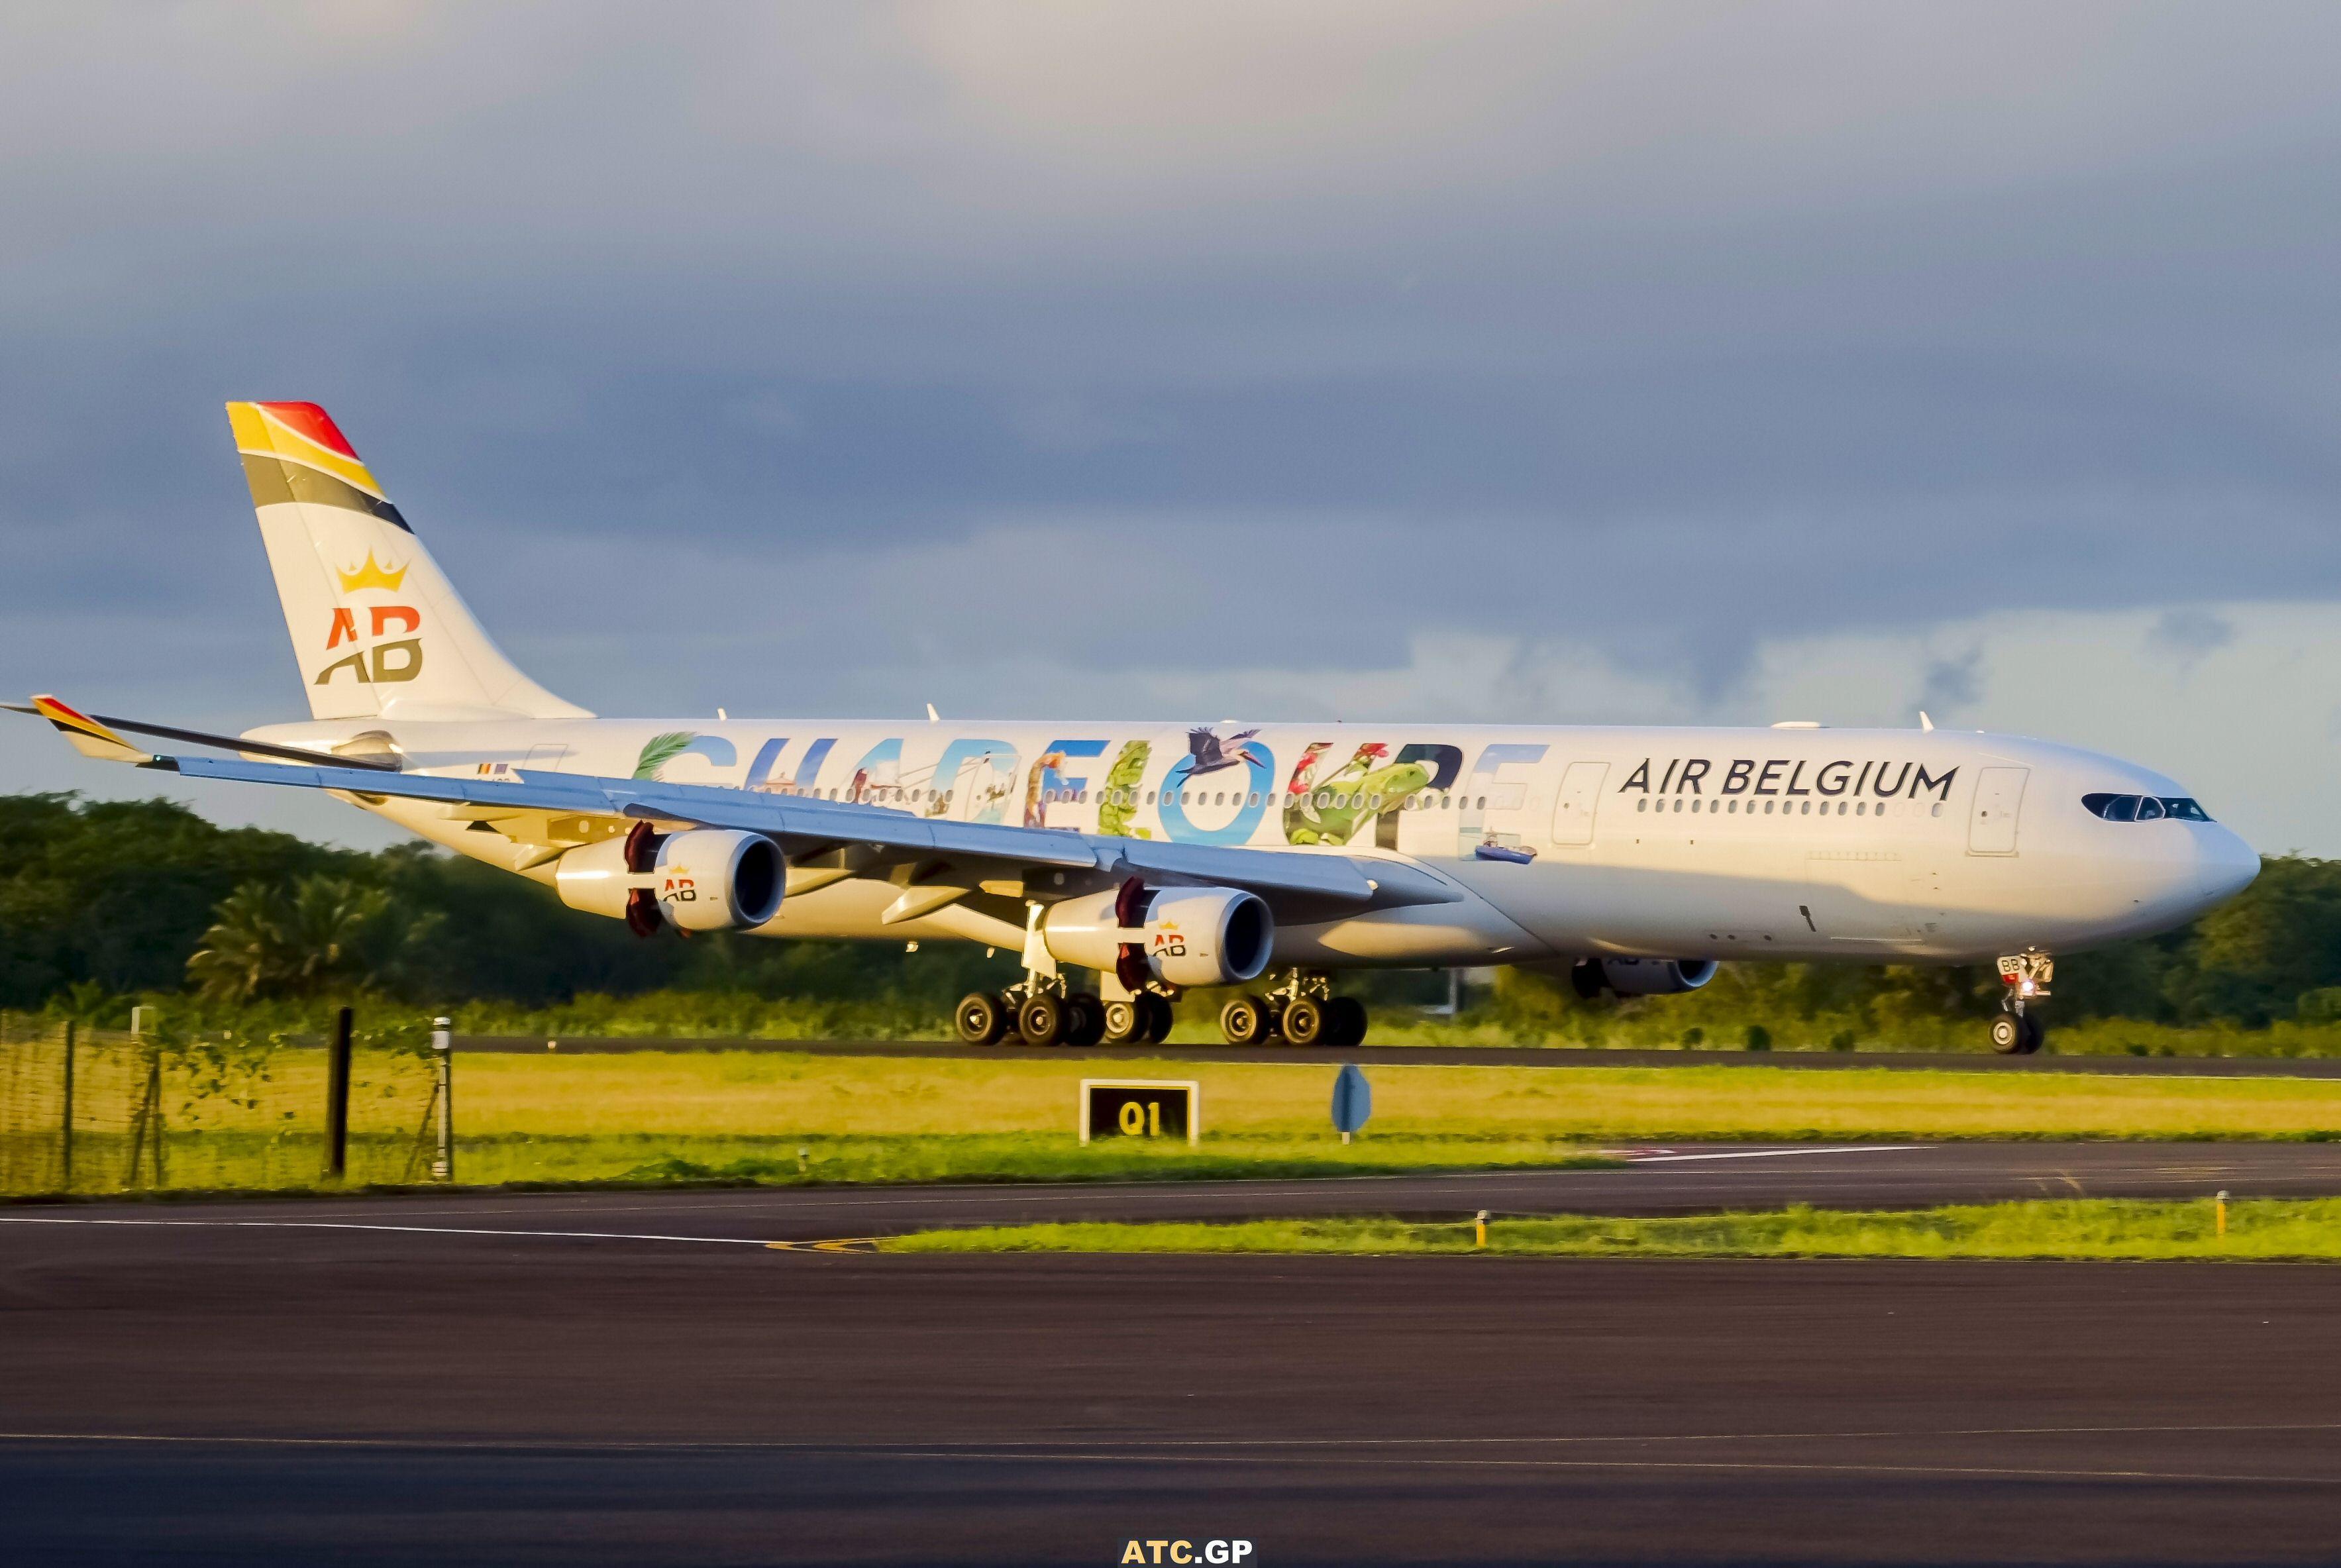 Antilles : Air Belgium reporte la reprise de ses vols commerciaux en décembre